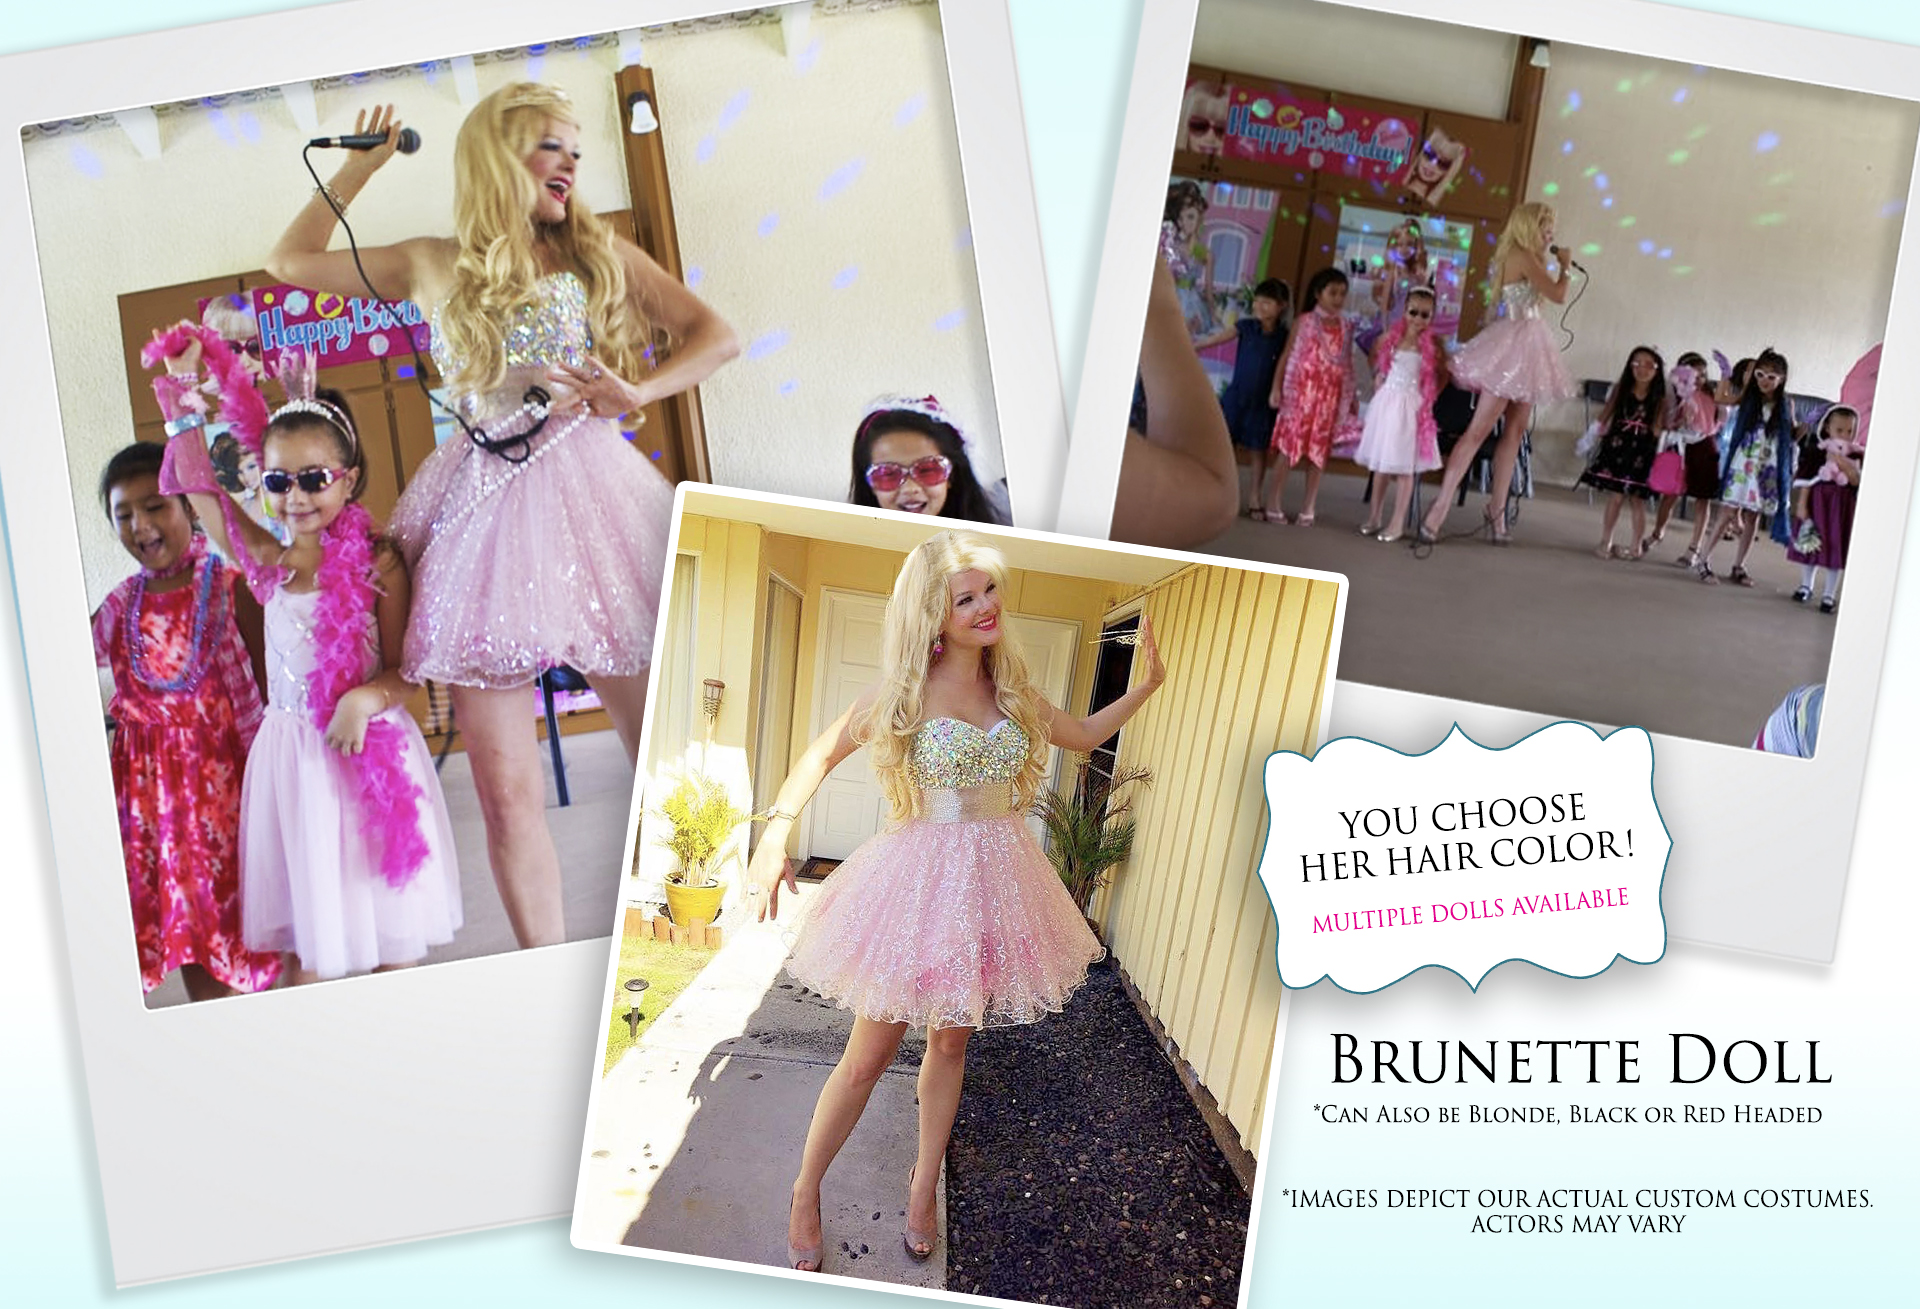 Brunette Doll